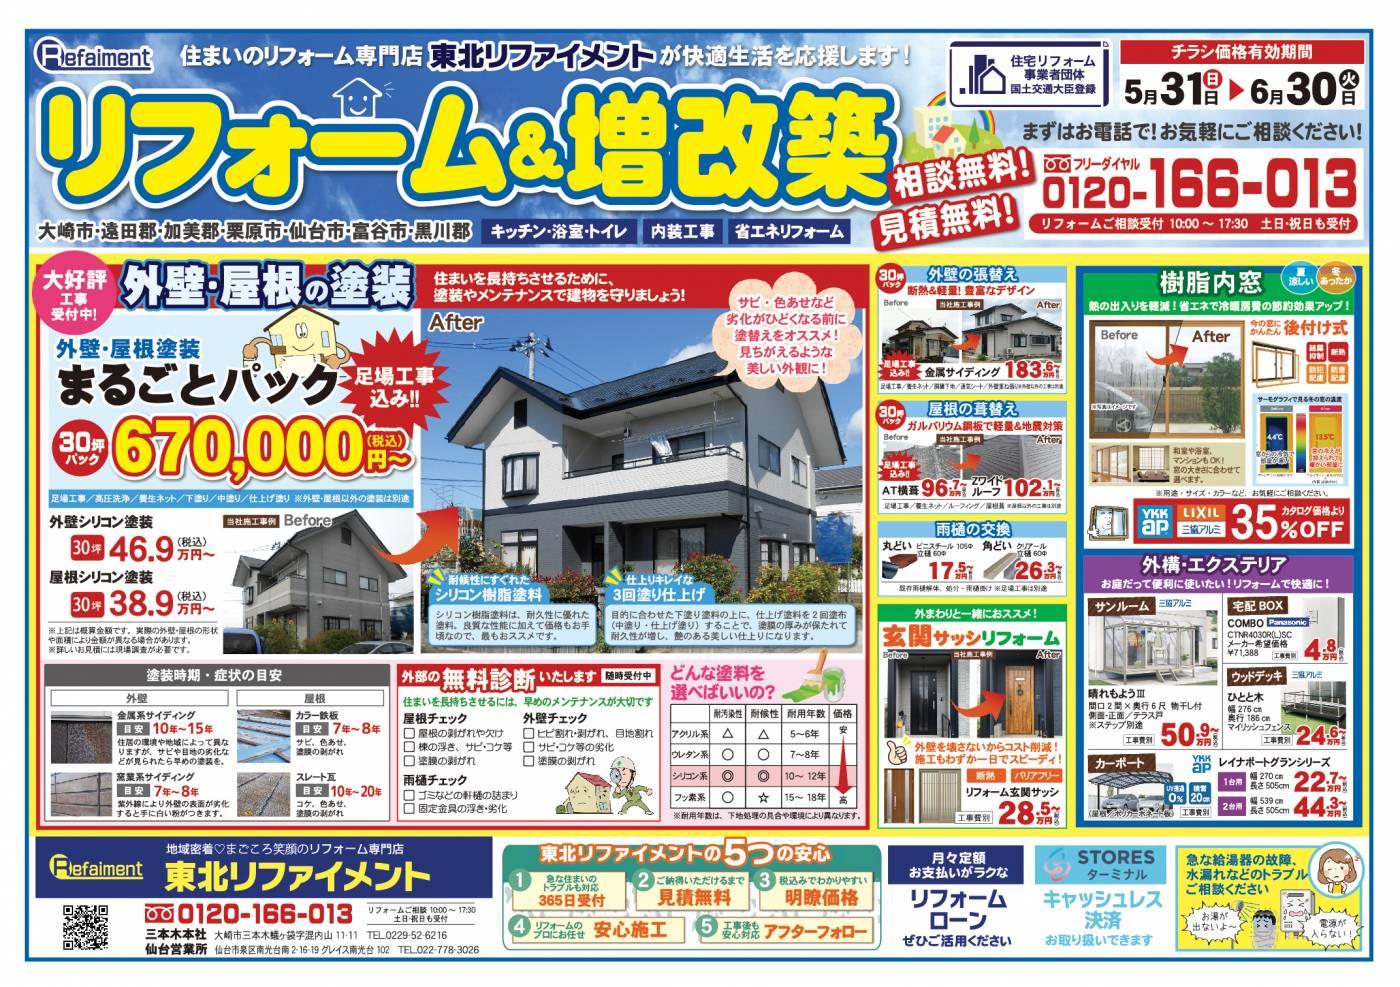 広告(2020_05_31)1